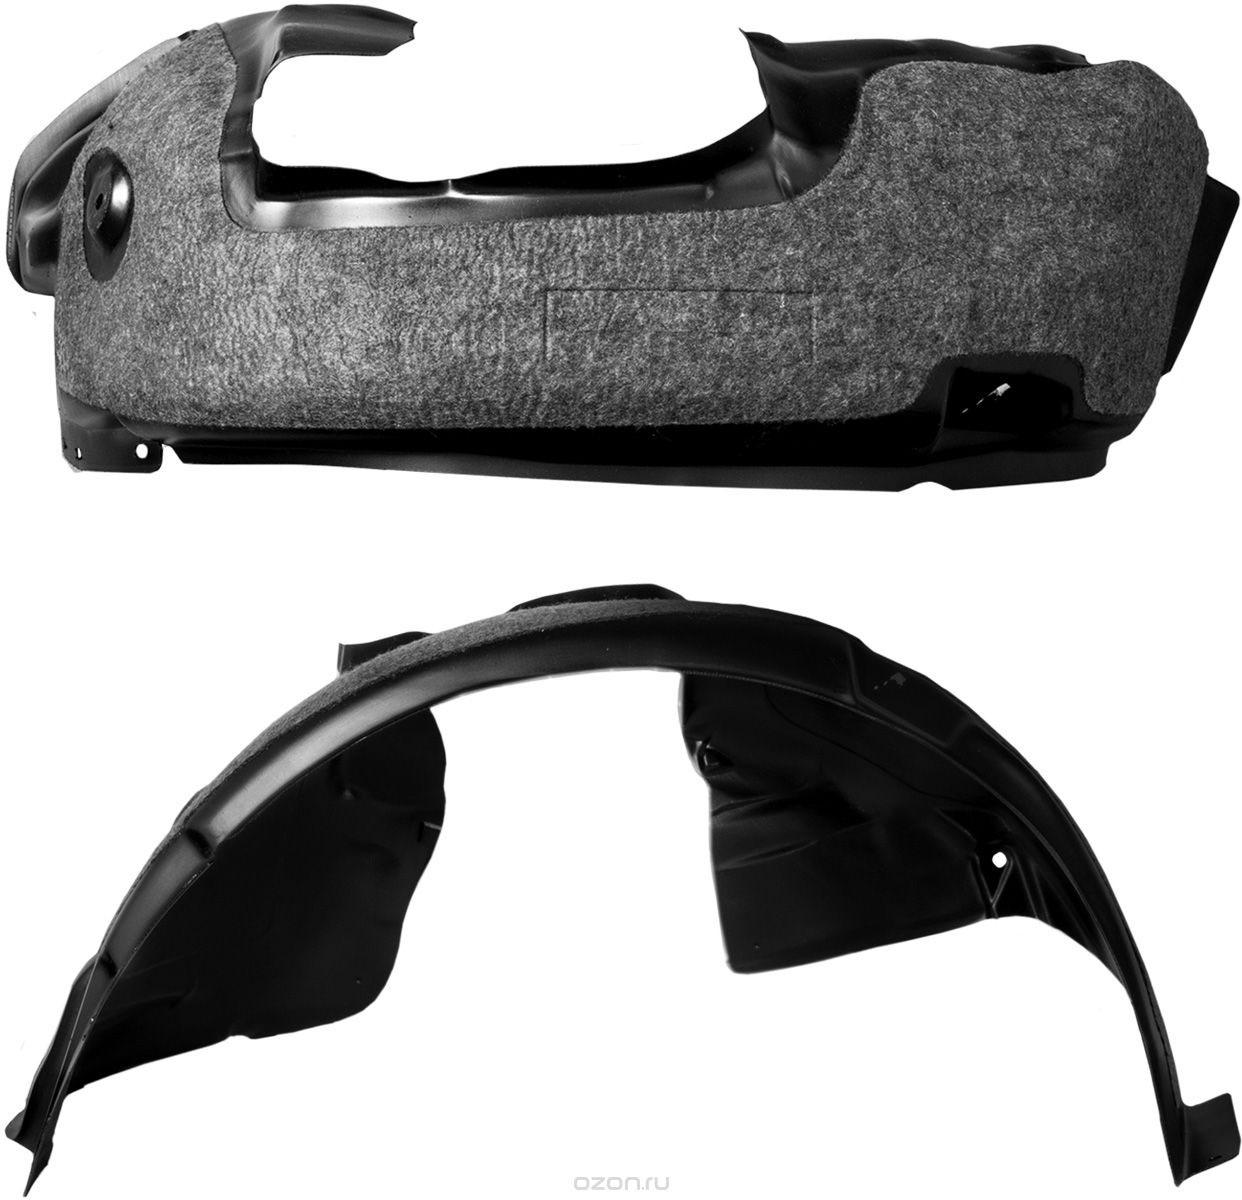 Подкрылок Novline-Autofamily, с шумоизоляцией, для SUZUKI Vitara, 03/2015->, задний правыйNLS.47.01.004Идеальная защита колесной ниши. Локеры разработаны с применением цифровых технологий, гарантируют максимальную повторяемость поверхности арки. Изделия устанавливаются без нарушения лакокрасочного покрытия автомобиля, каждый подкрылок комплектуется крепежом. Уважаемые клиенты, обращаем ваше внимание, что фотографии на подкрылки универсальные и не отражают реальную форму изделия. При этом само изделие идет точно под размер указанного автомобиля.